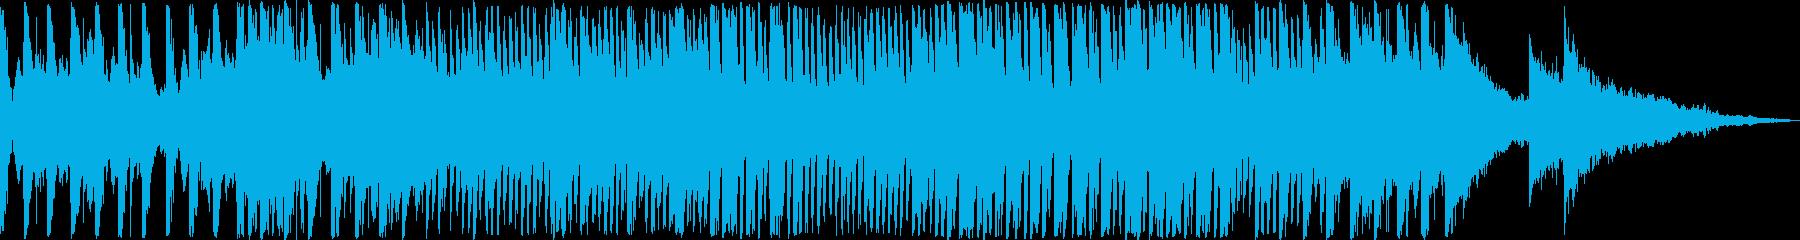 力強く神秘的!アイコニックなオーケストラの再生済みの波形